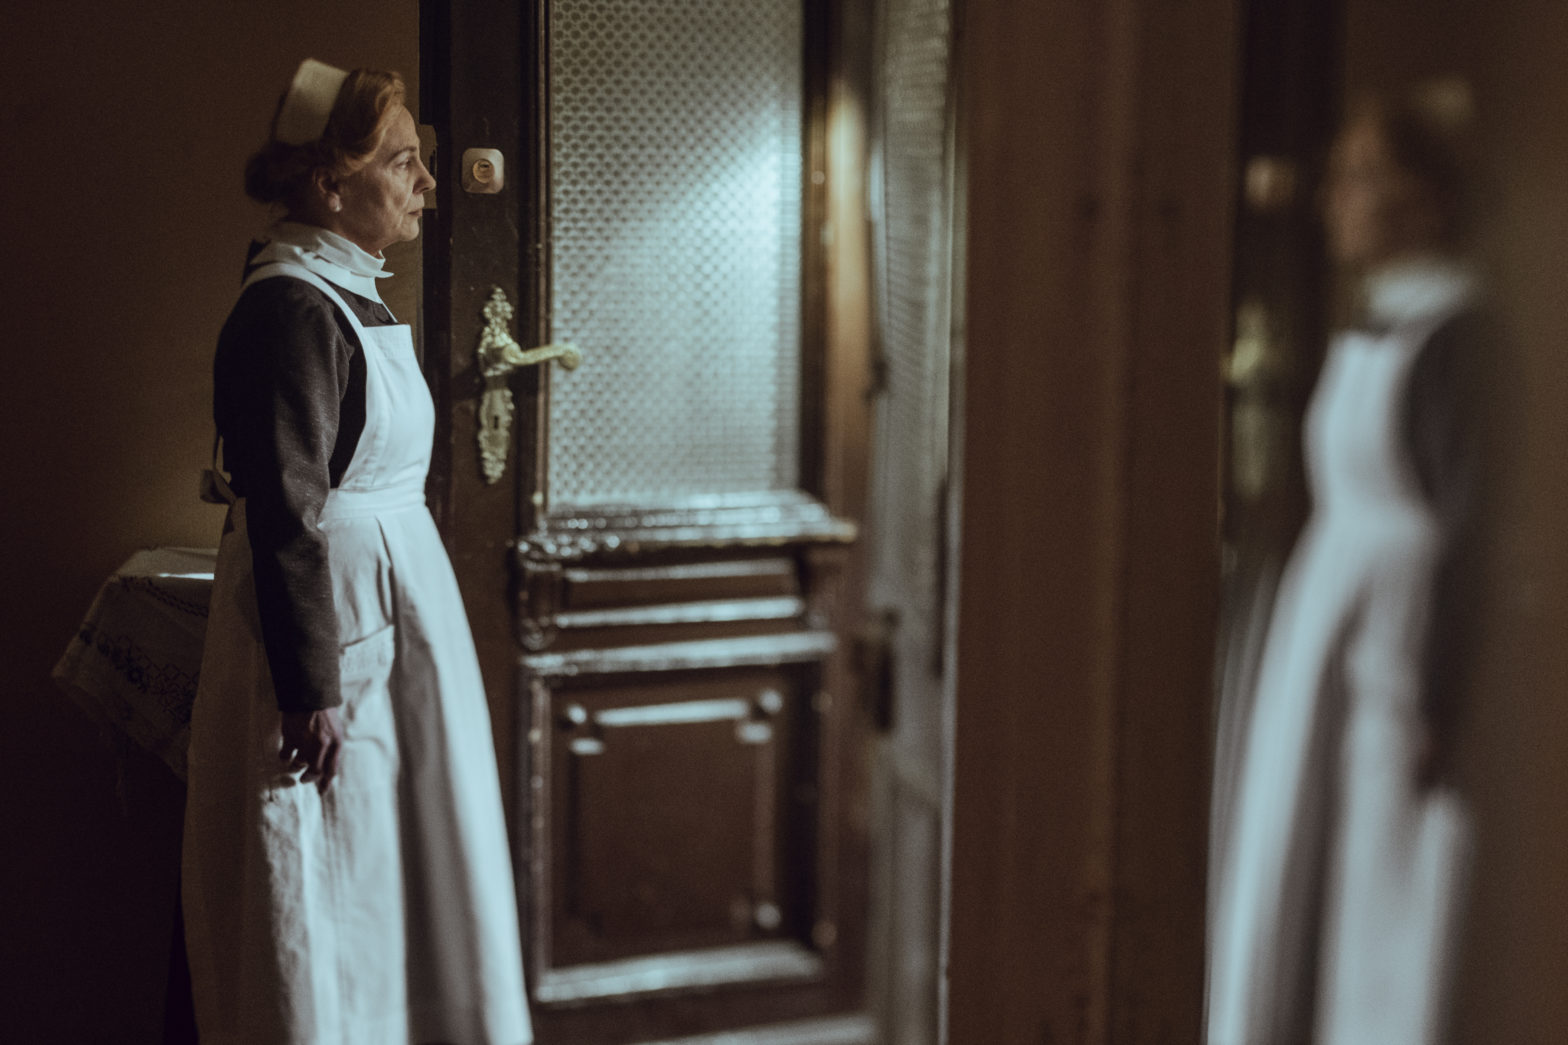 """Kadr z filmu """"Położna z Auschwitz"""". Starsza kobieta w fartuchu otwiera komuś drzwi wejściowe."""